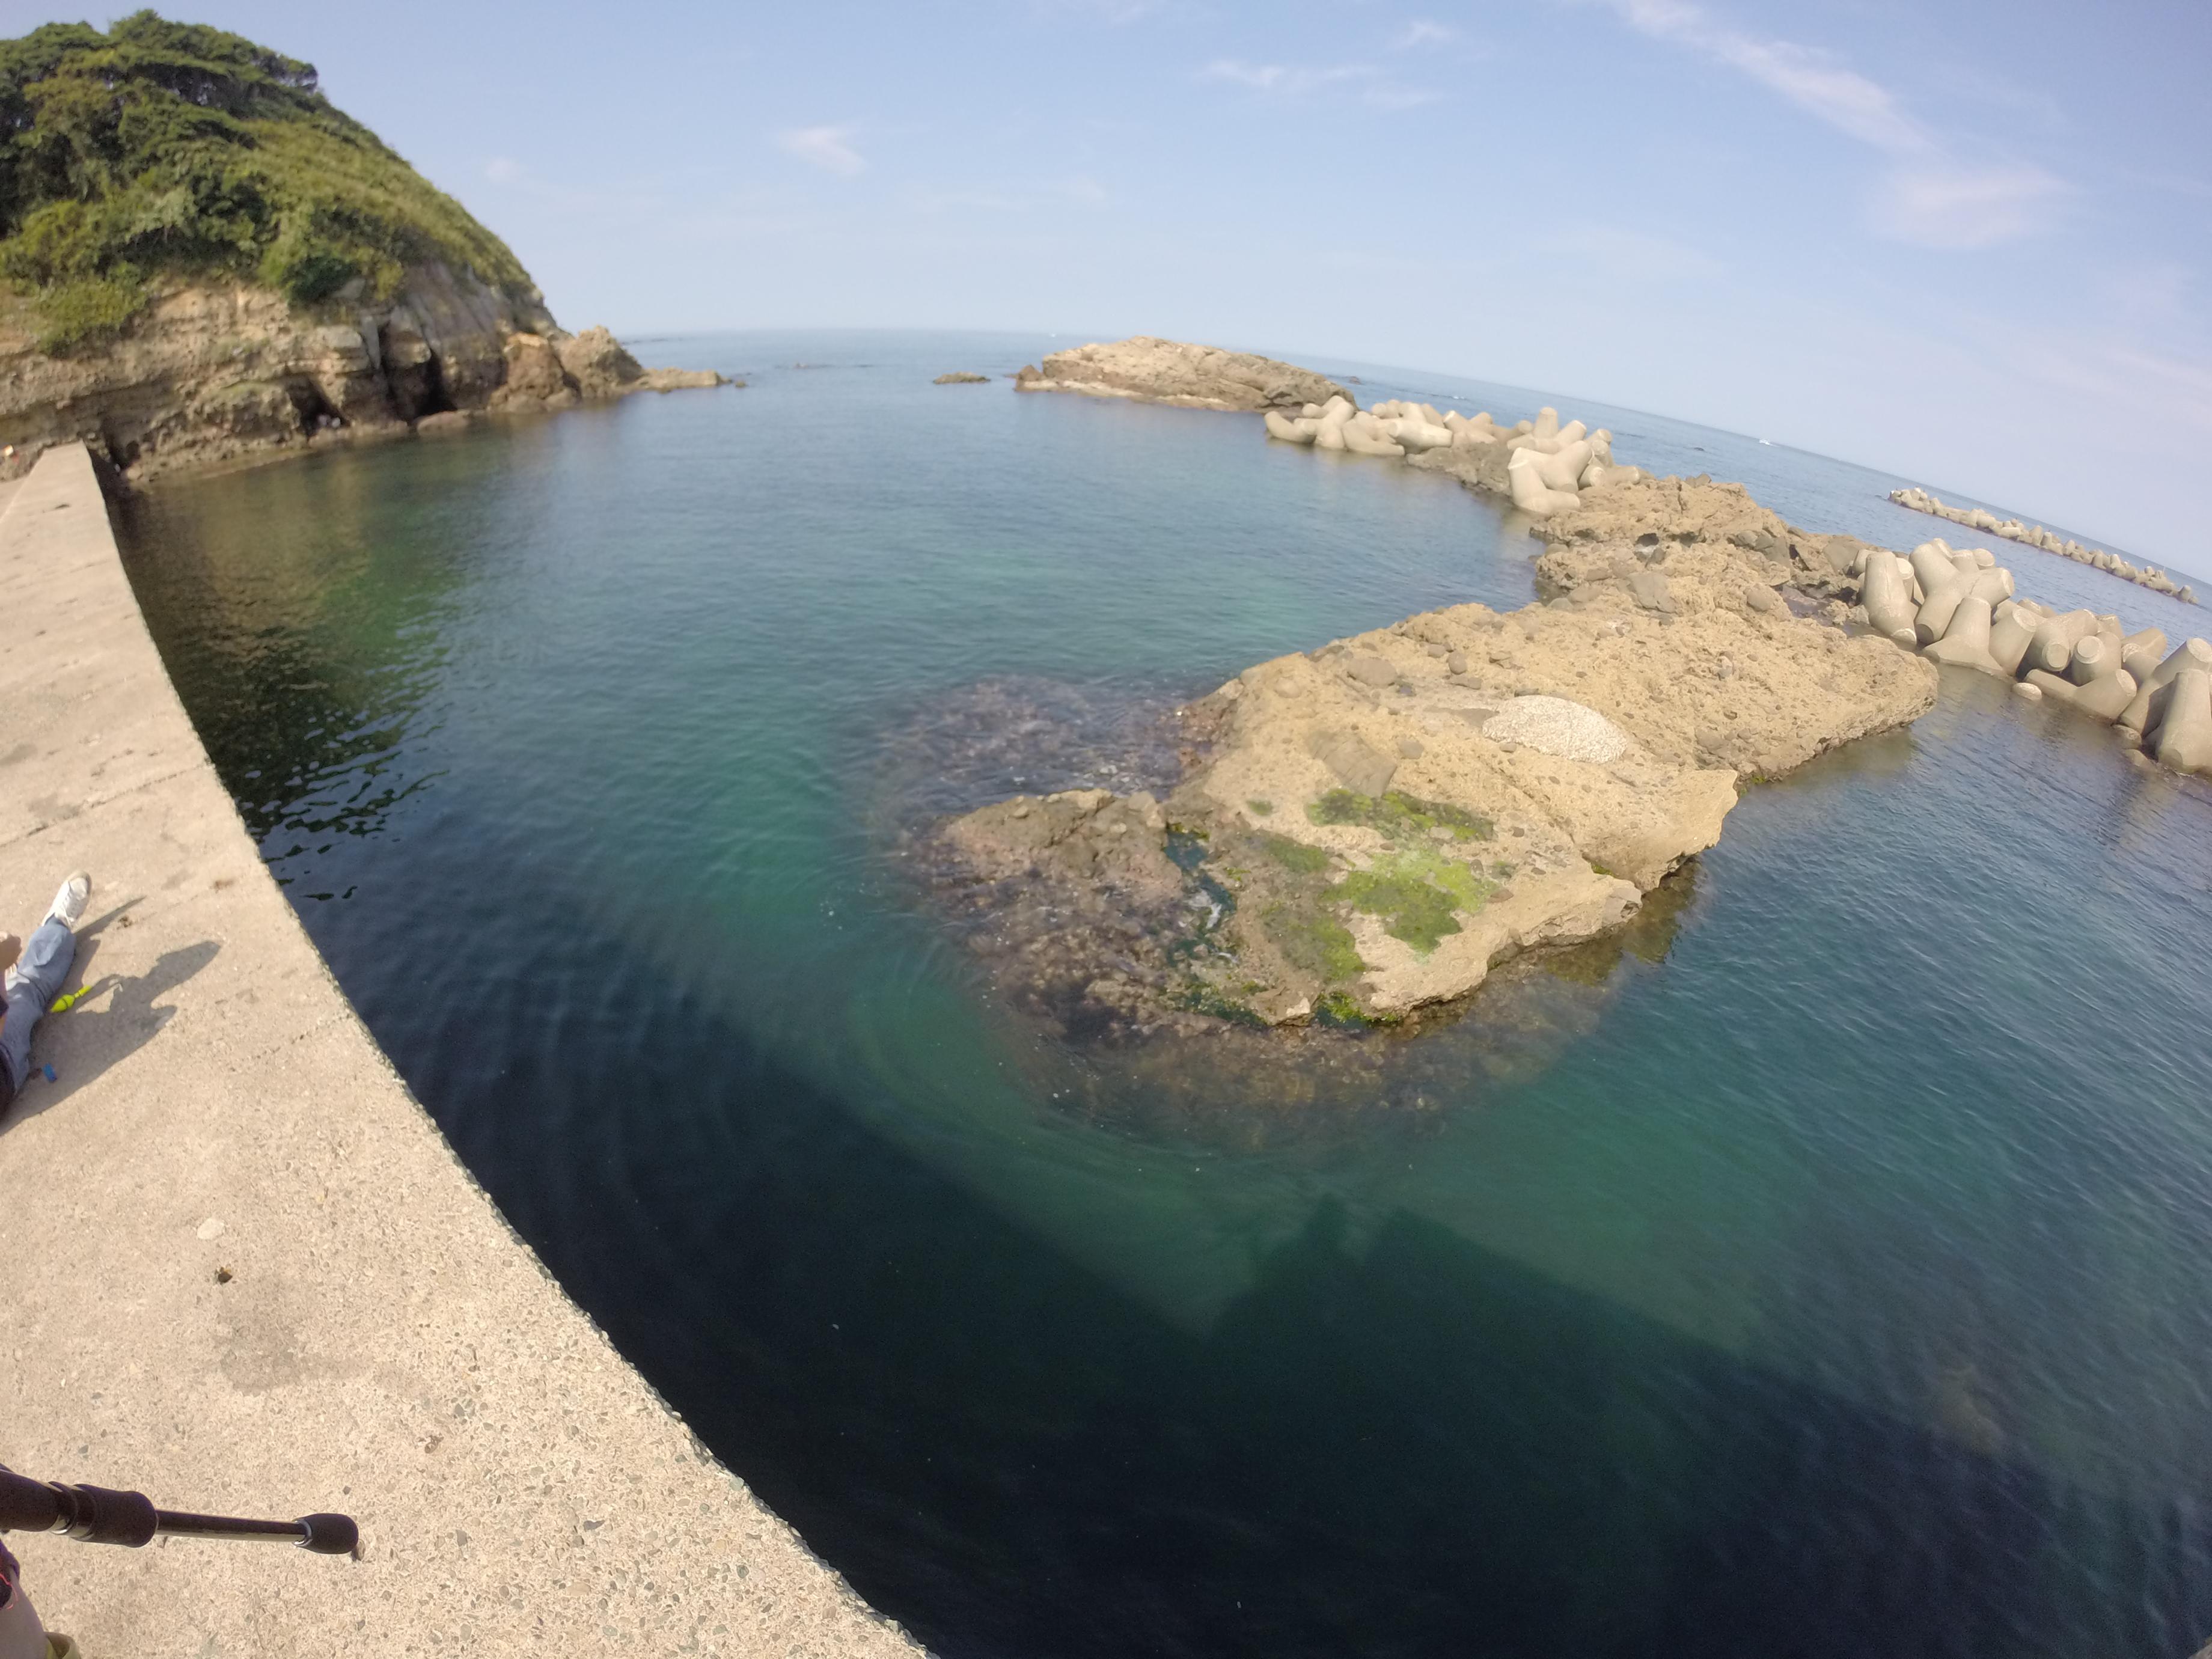 浅茂川漁港の釣り場紹介、京都丹後のエギングとファミリーフィッシングにオススメの漁港